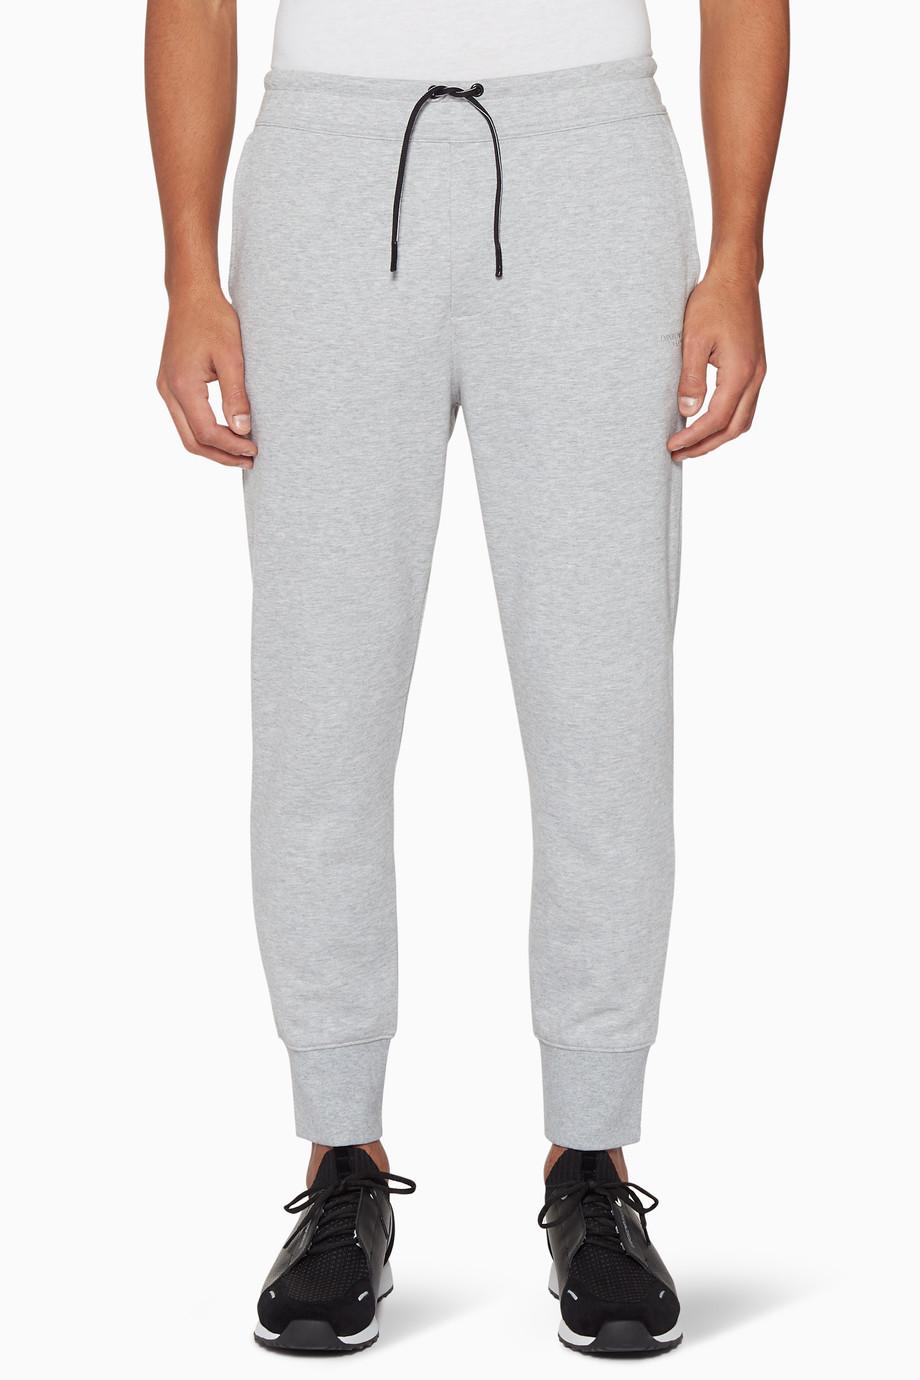 98fb50955b Shop Emporio Armani Grey Grey Stretch Jogging Pants for Men ...